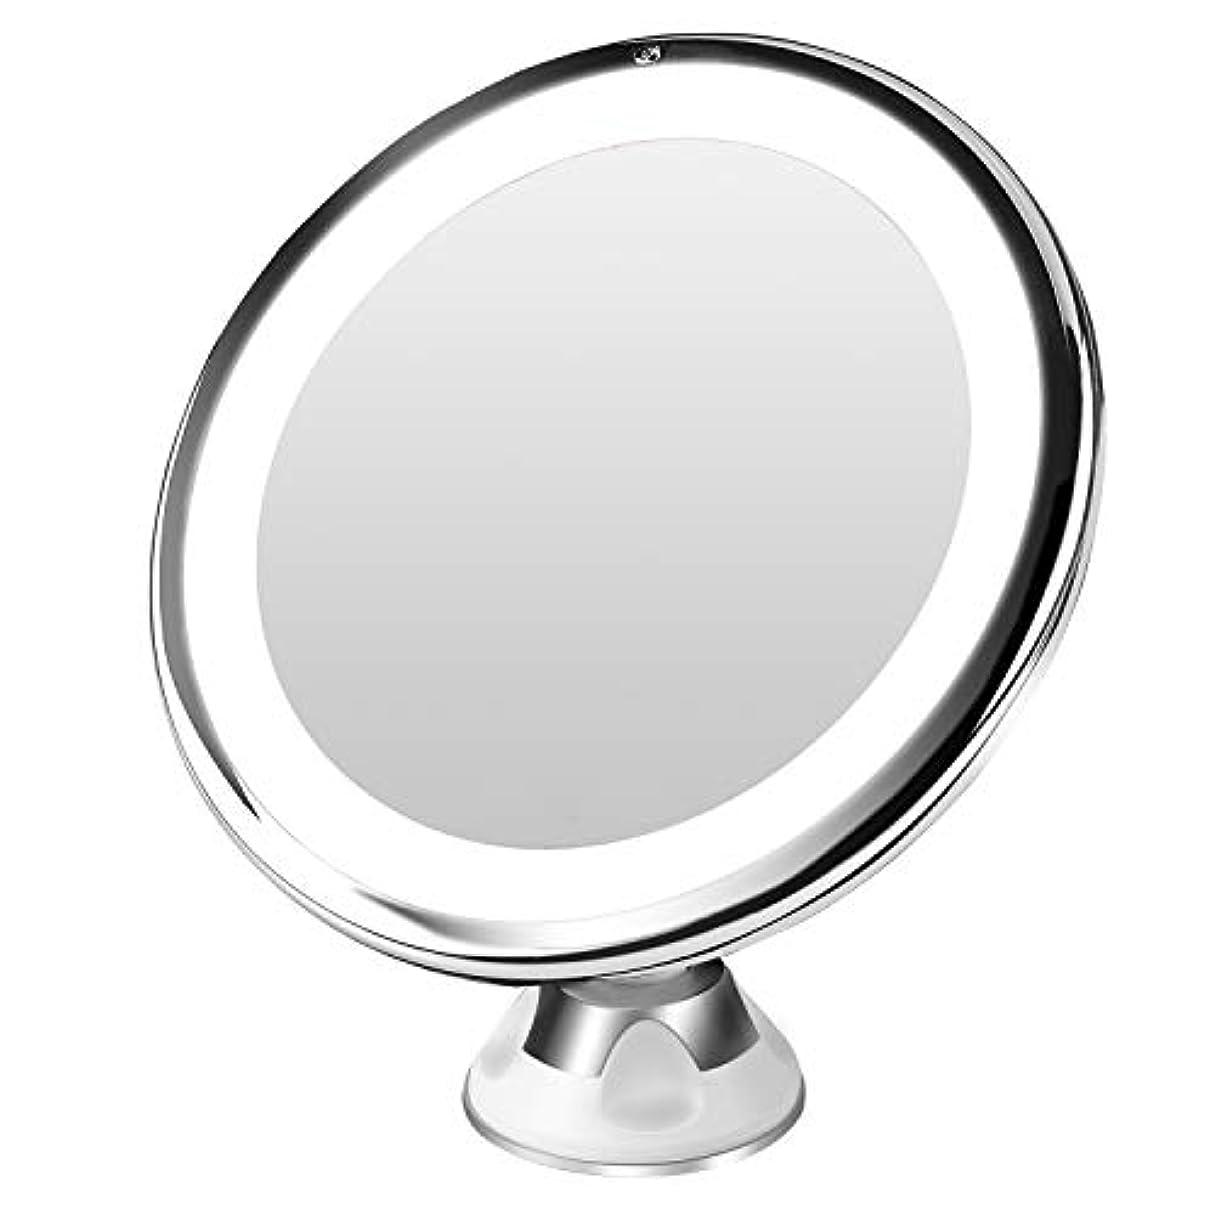 チャームかもめ動的BESTOPE 10倍拡大鏡 LED化粧鏡 浴室鏡 卓上鏡 曇らないミラー 吸盤ロック付きLEDミラー 壁掛けメイクミラー 360度回転スタンドミラー 単四電池&USB給電(改良版)